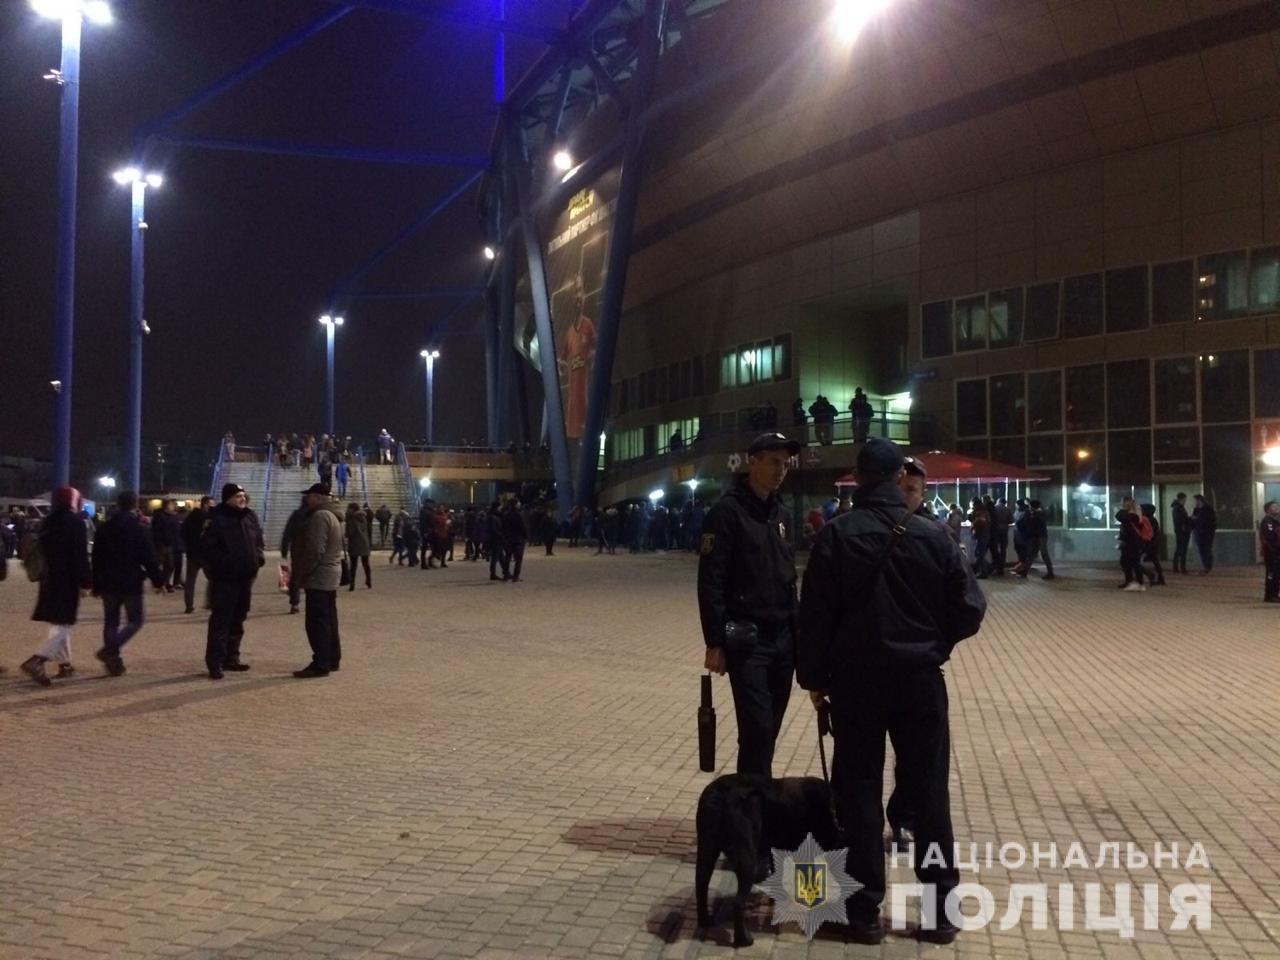 Расистский скандал во время матча «Шахтер» - «Динамо»: полиция открыла уголовное производство, - ФОТО, фото-1